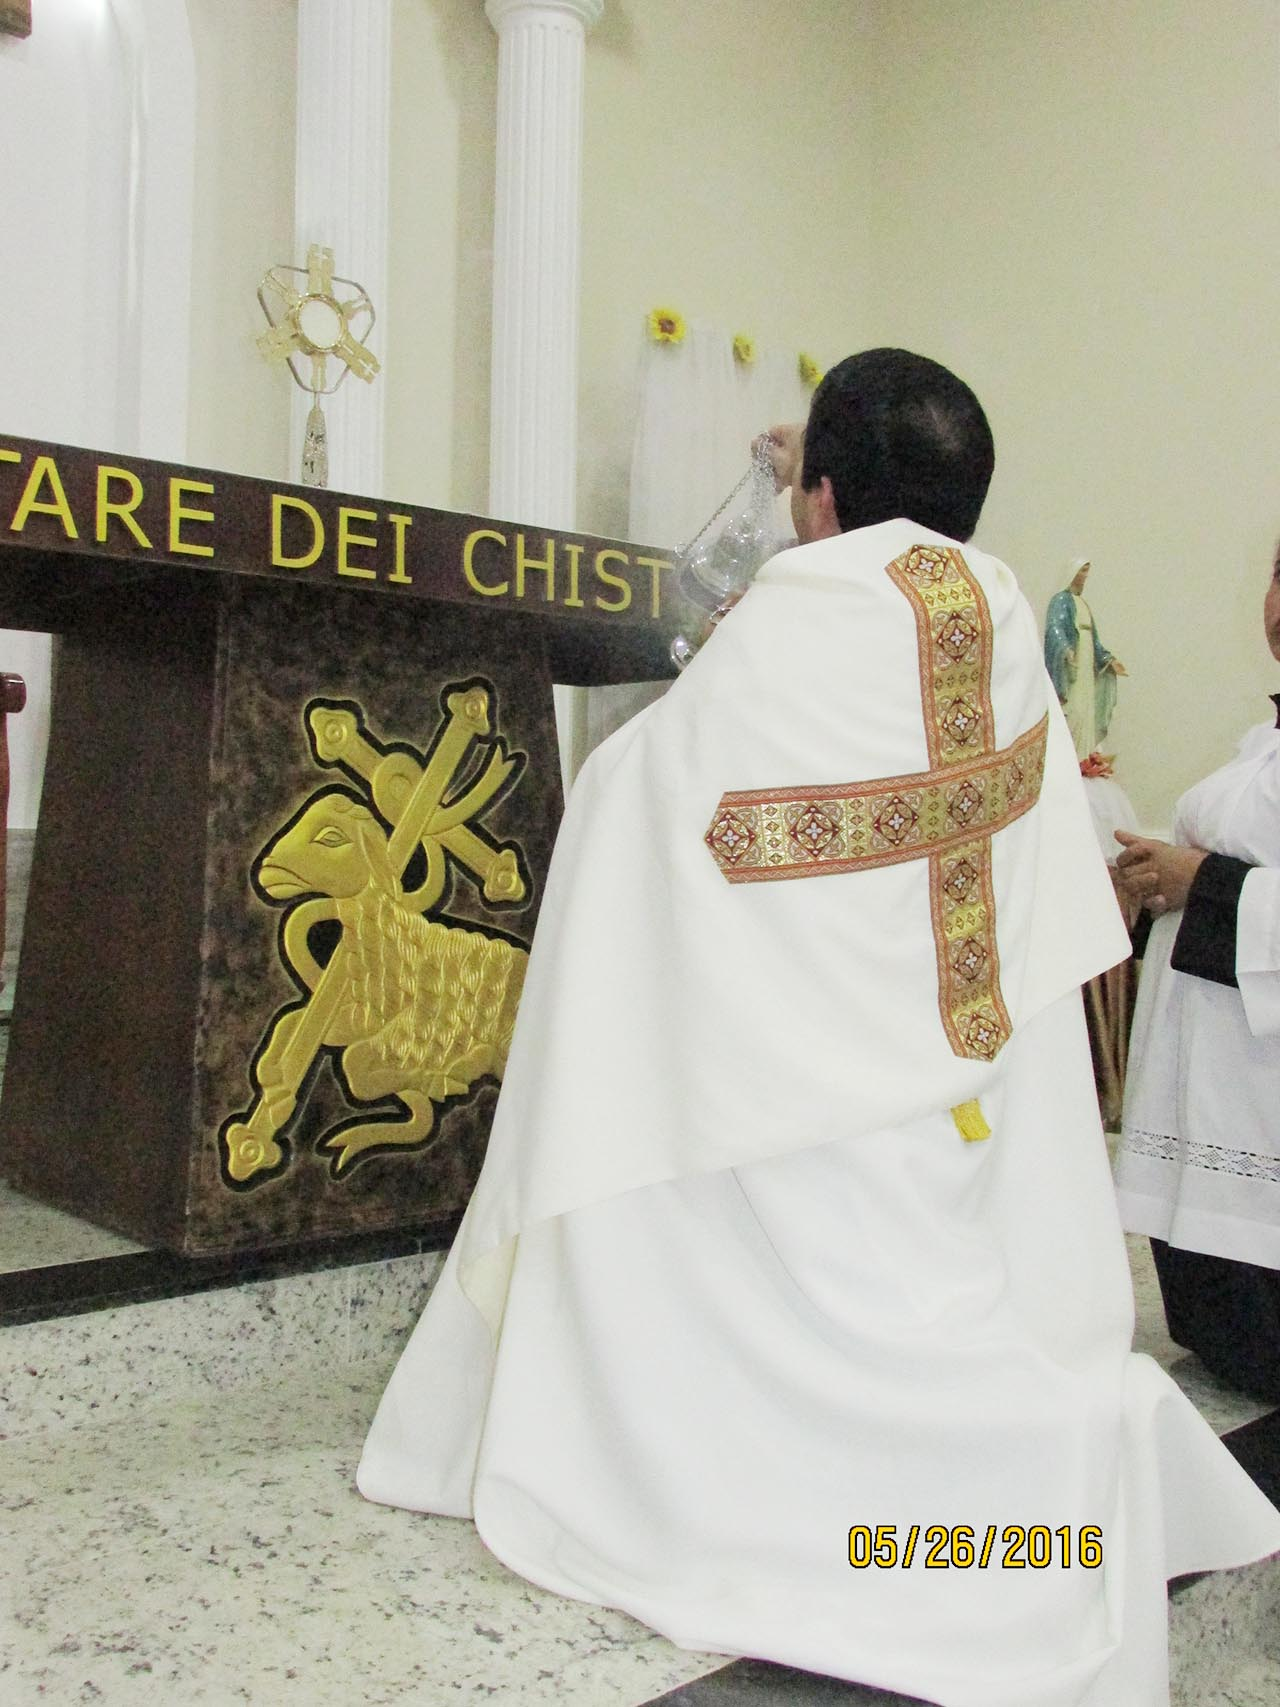 Centenas de fiéis celebram festa de Corpus Christi em São Geraldo do Baixio